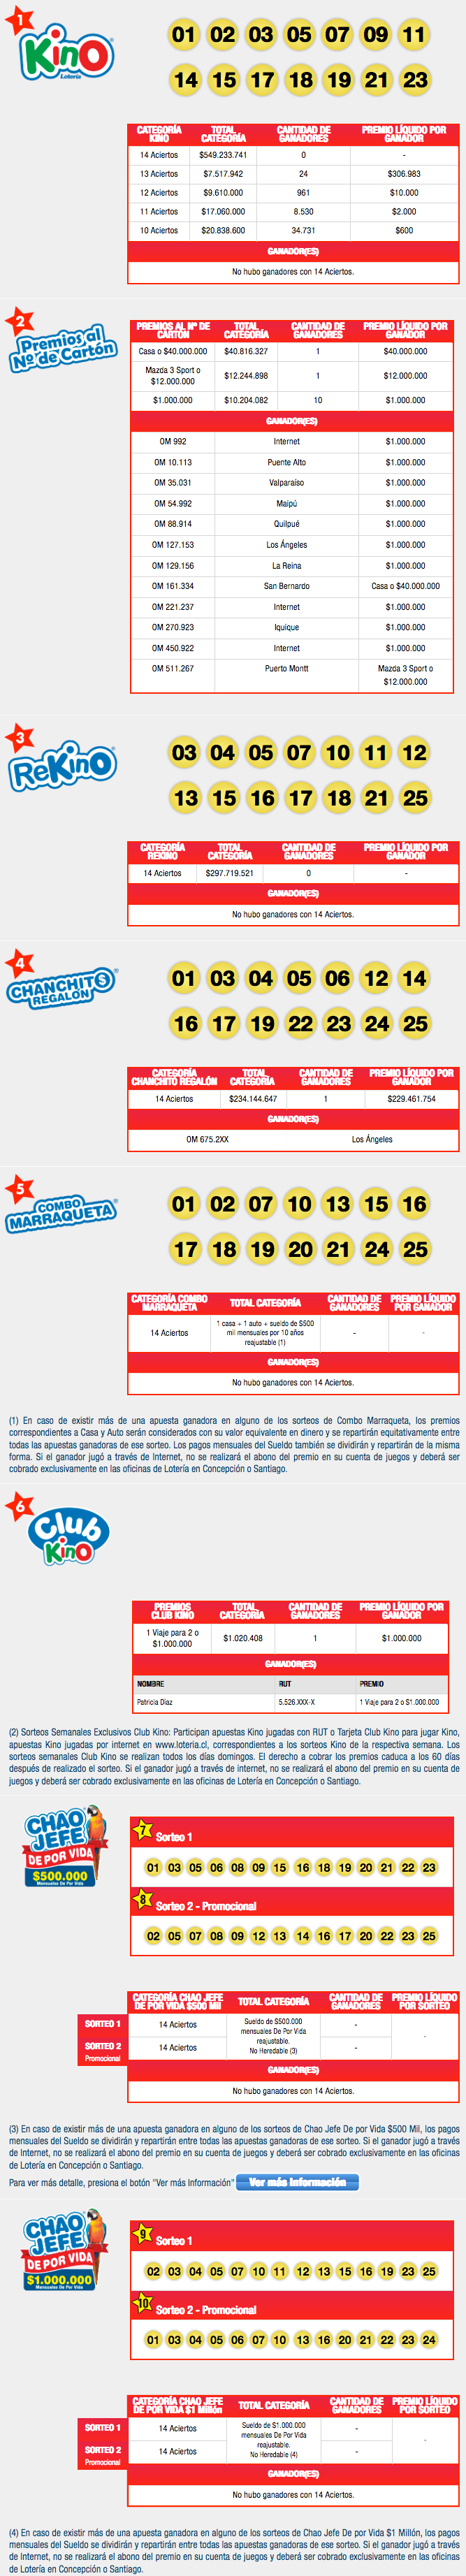 Resultados Kino Chile Sorteo 2165